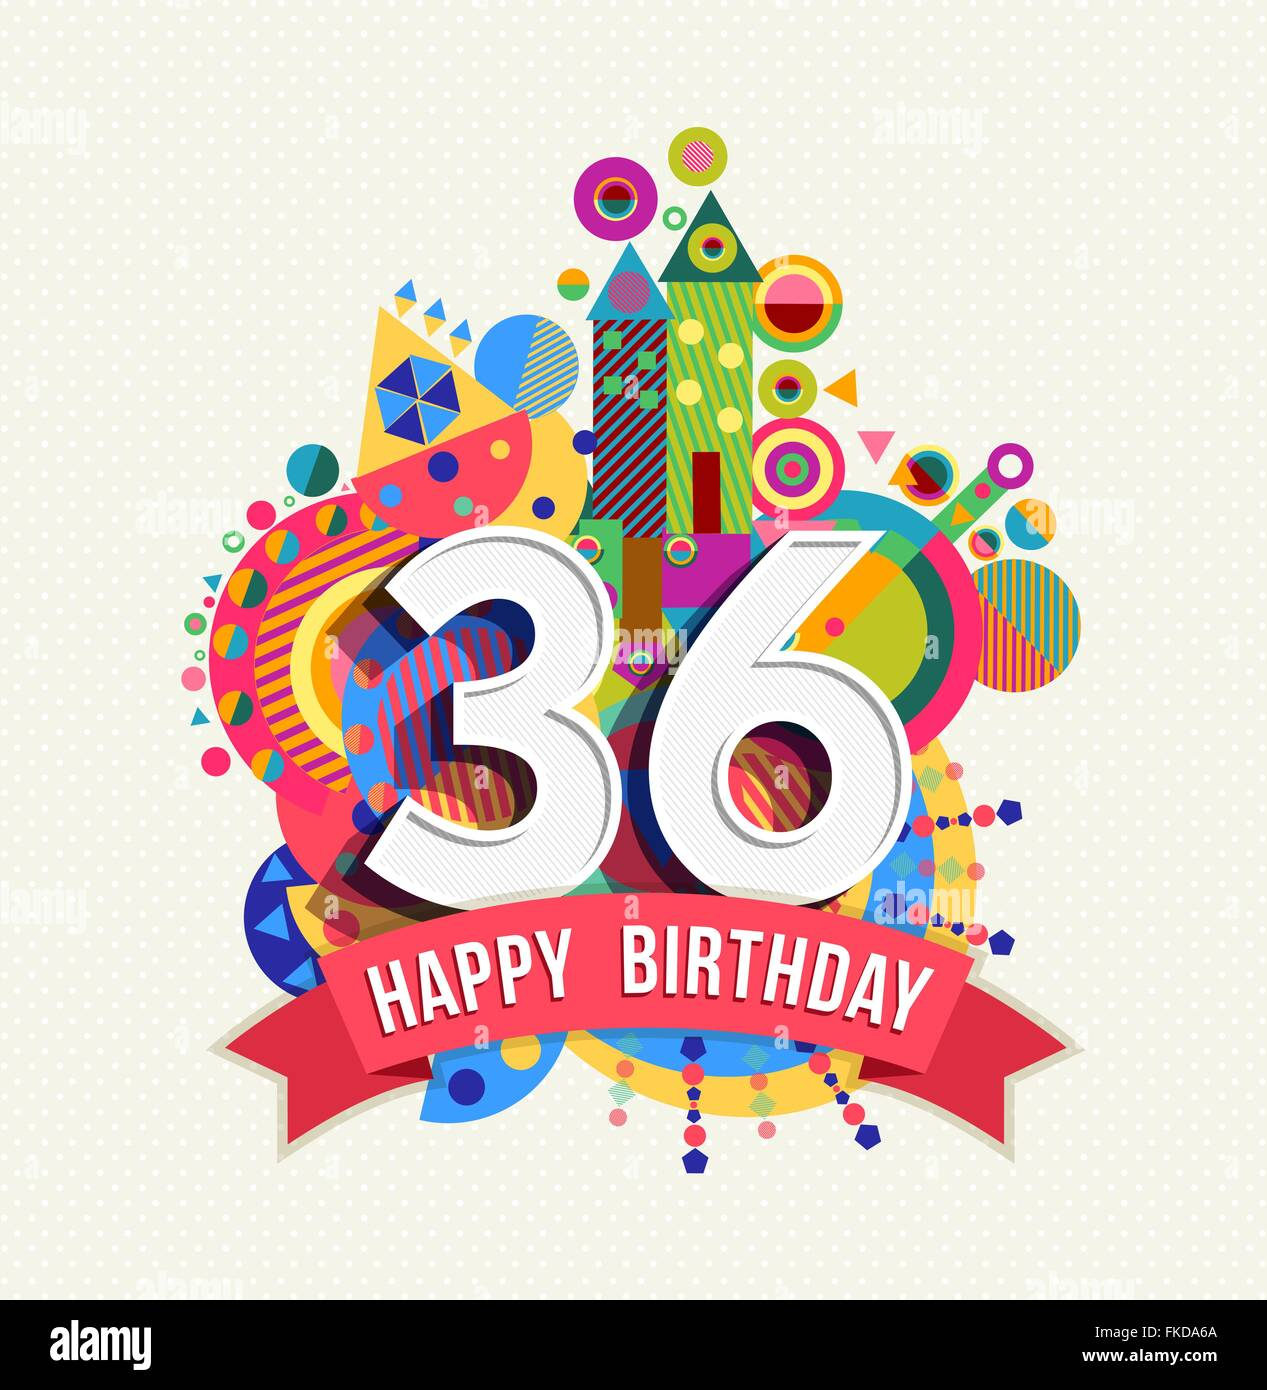 День рождения поздравления на 44 года 56